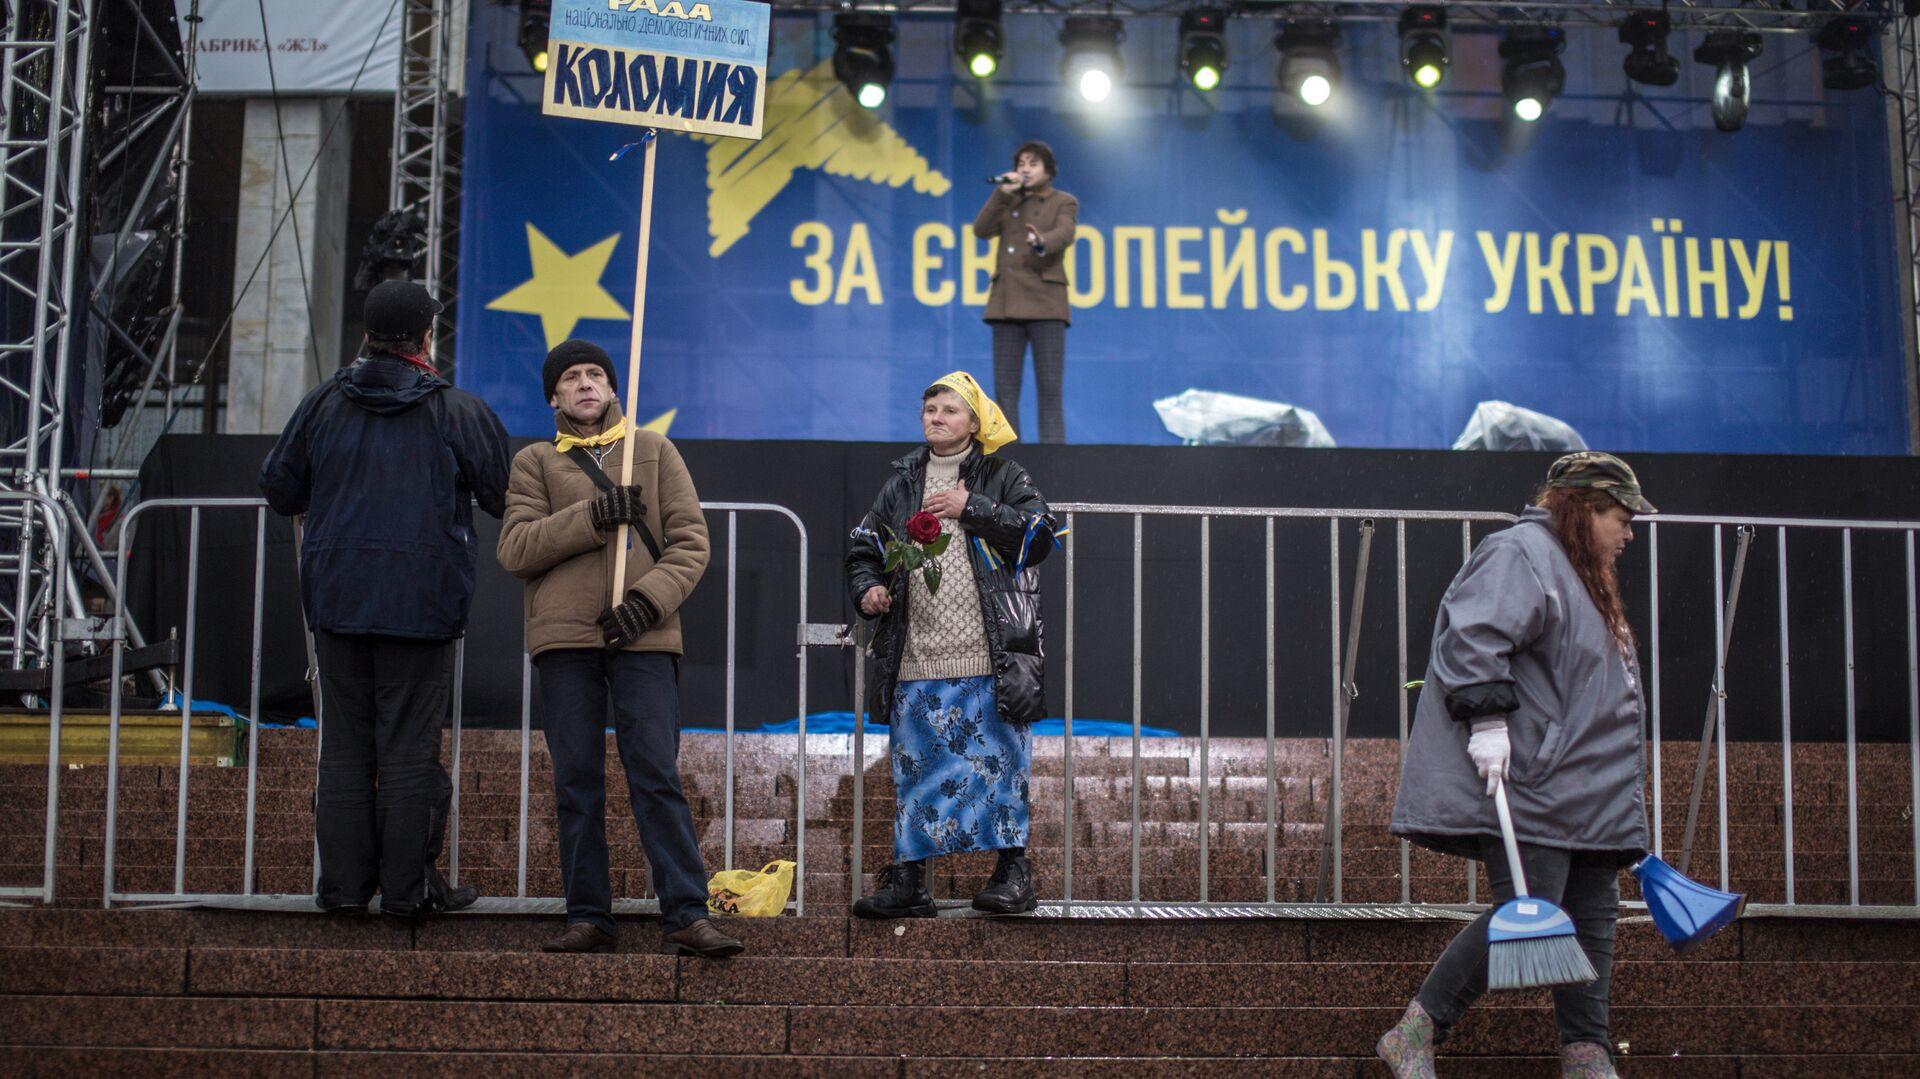 Сторонники евроинтеграции Украины около сцены на Европейской площади в Киеве. 25 января 2013 - РИА Новости, 1920, 25.03.2021